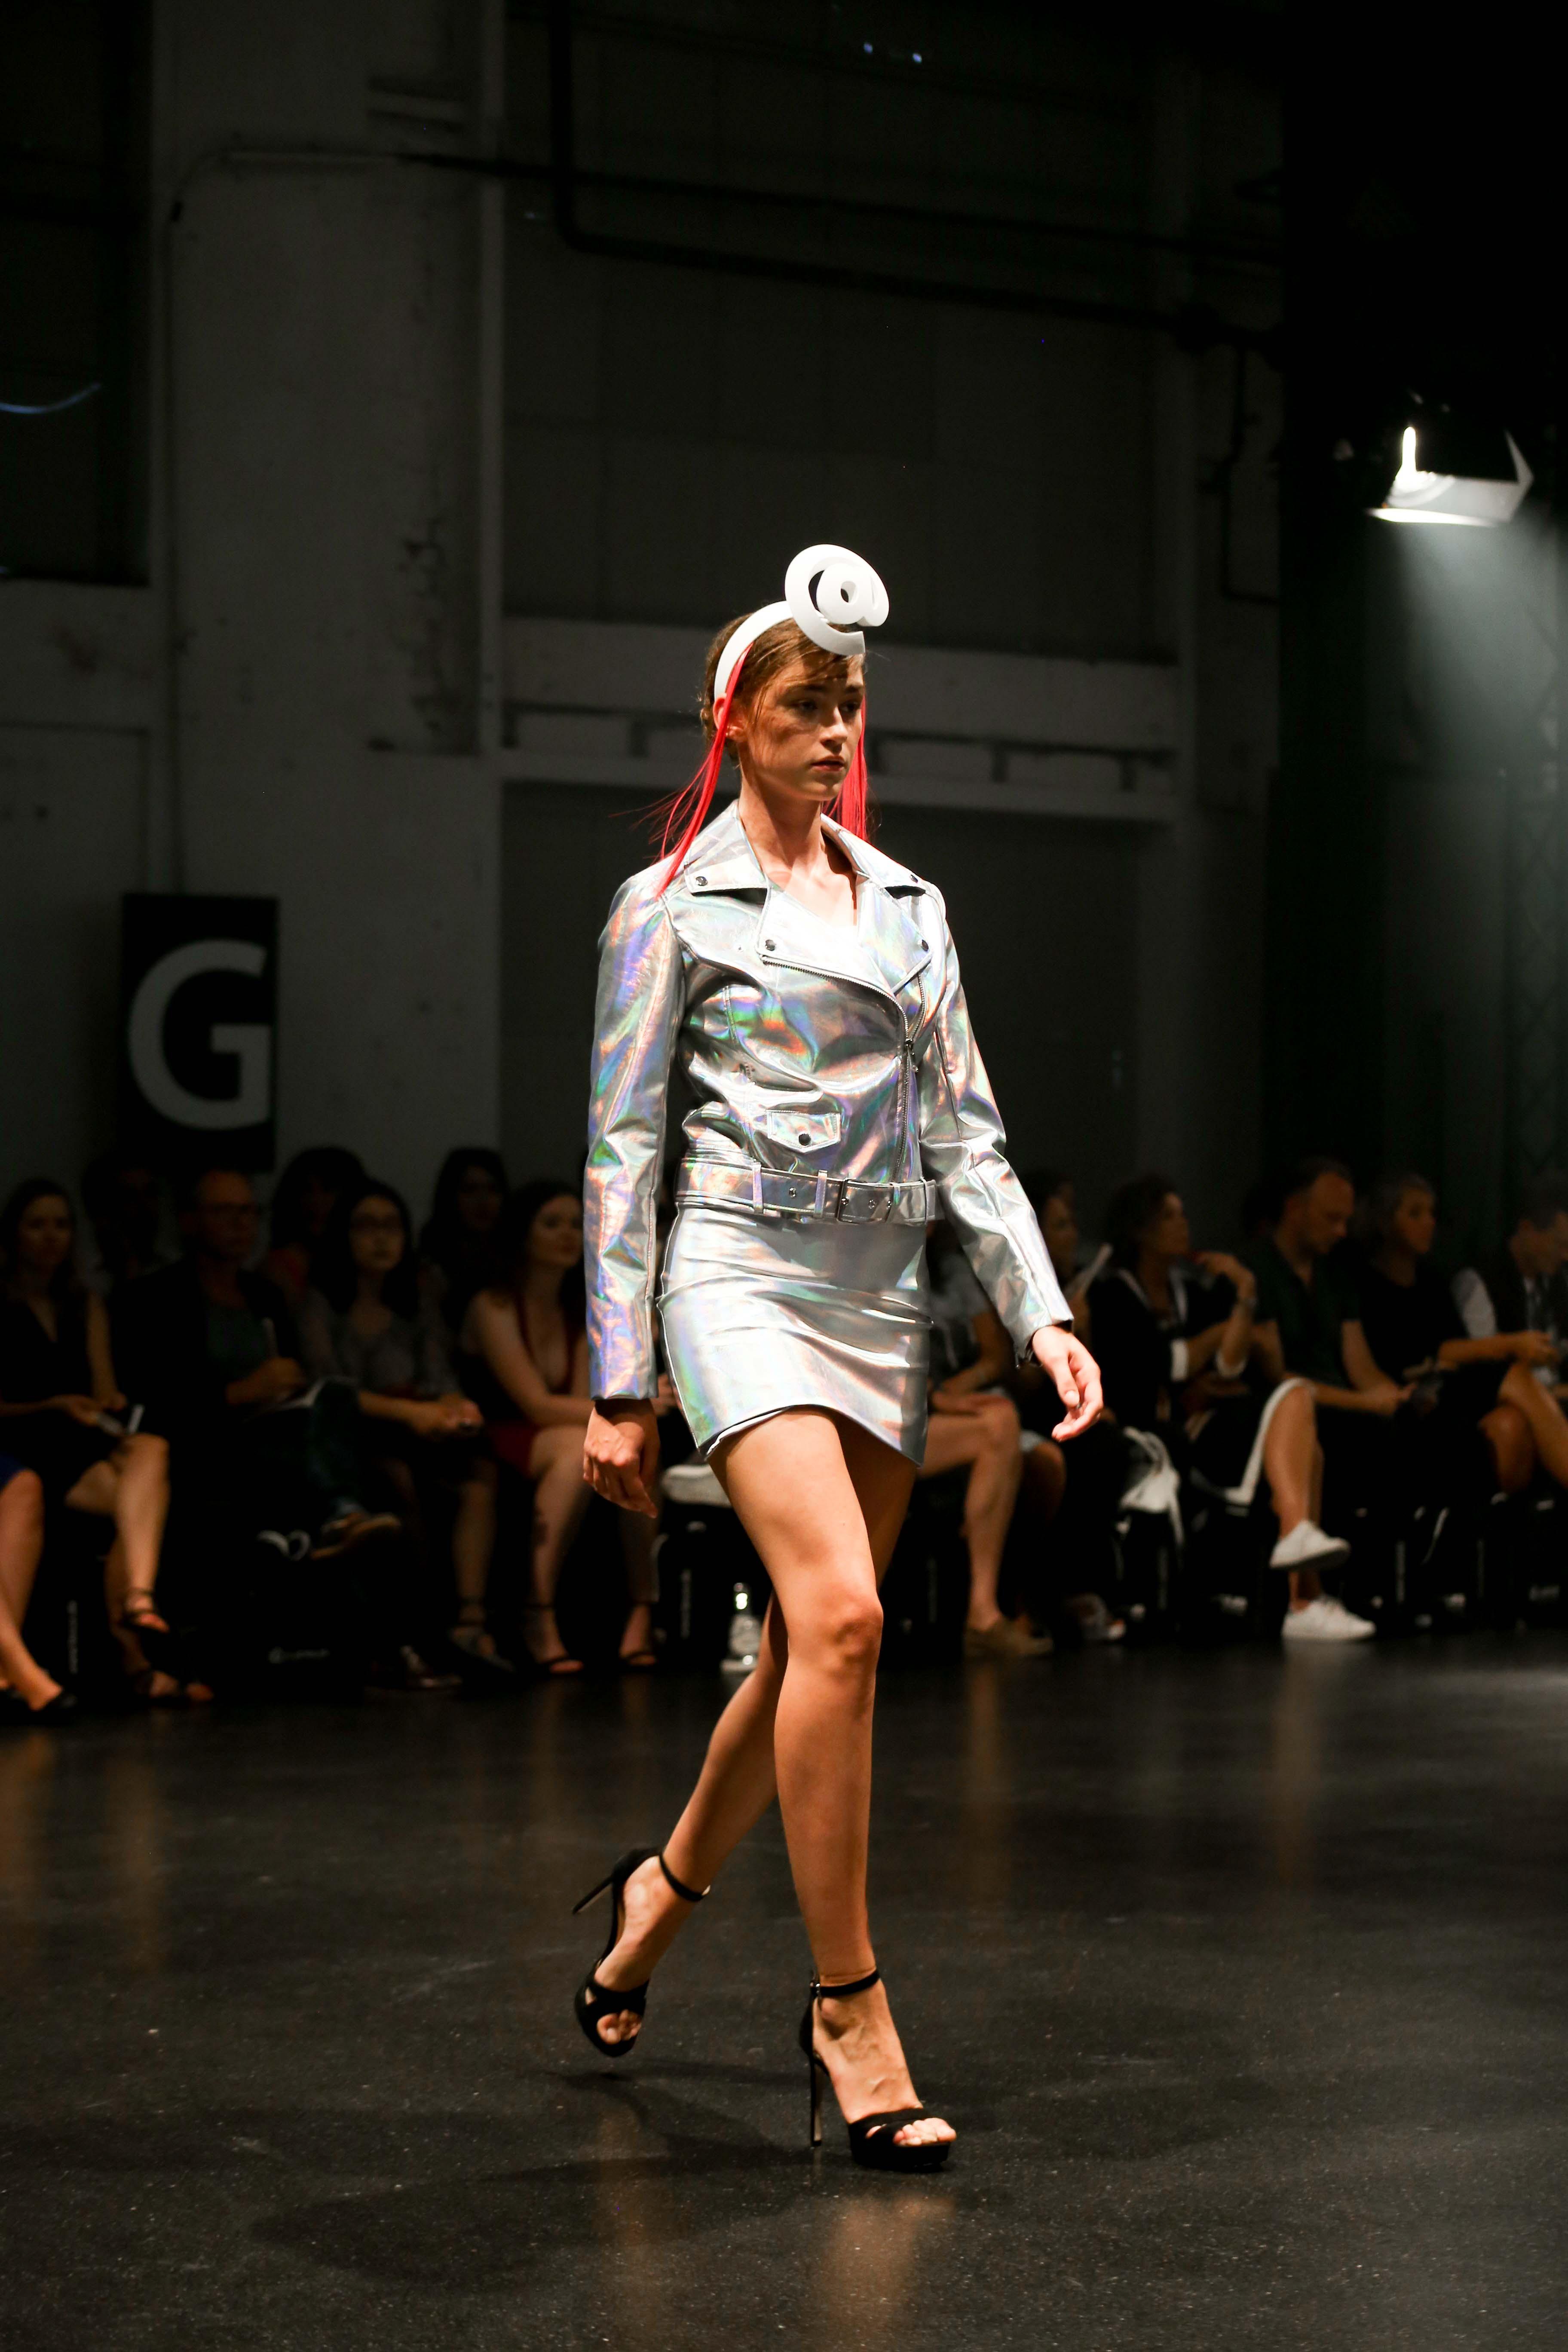 asus-citytrip-düsseldorf-fashion-lifestyle-zenfone-zoom-s-erfahrung_0600